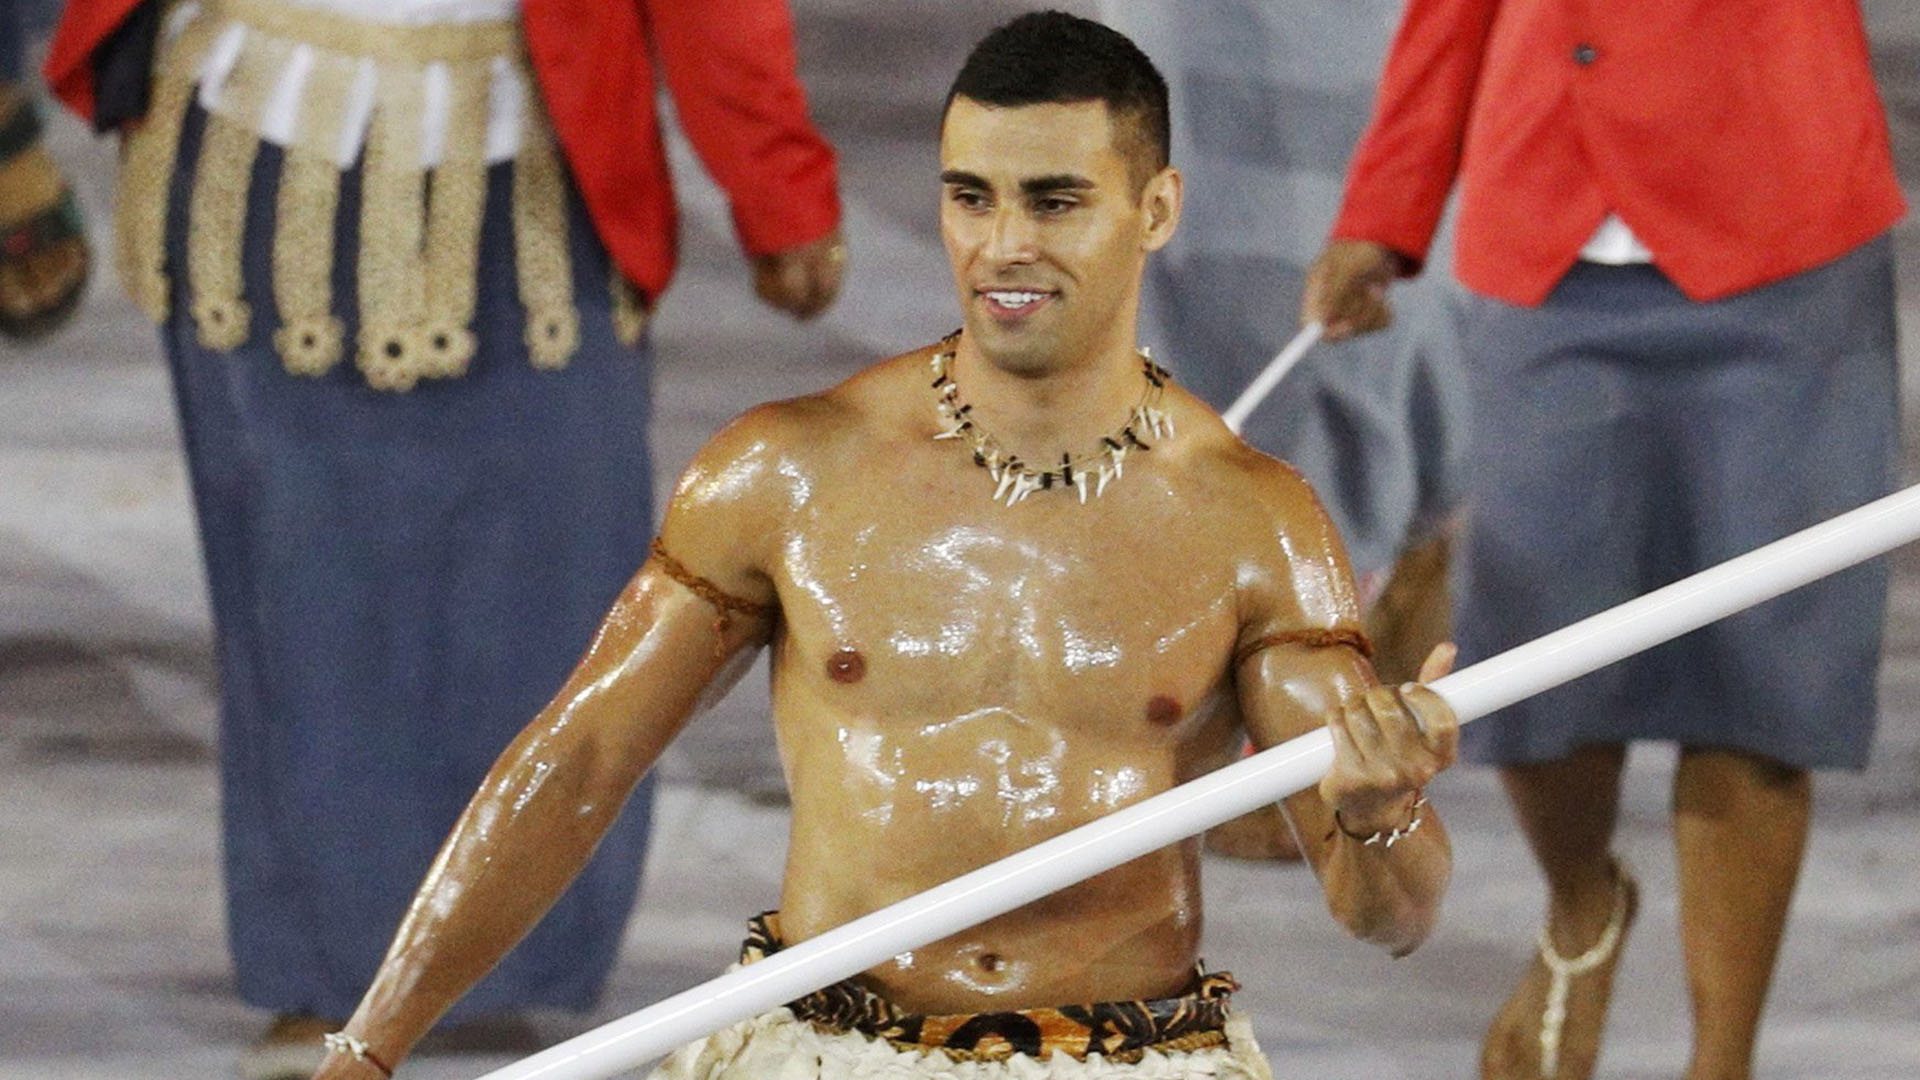 Pita Taufatofua, en el desfile inaugural de Rio 2016 en el estadio Maracaná (Reuters)